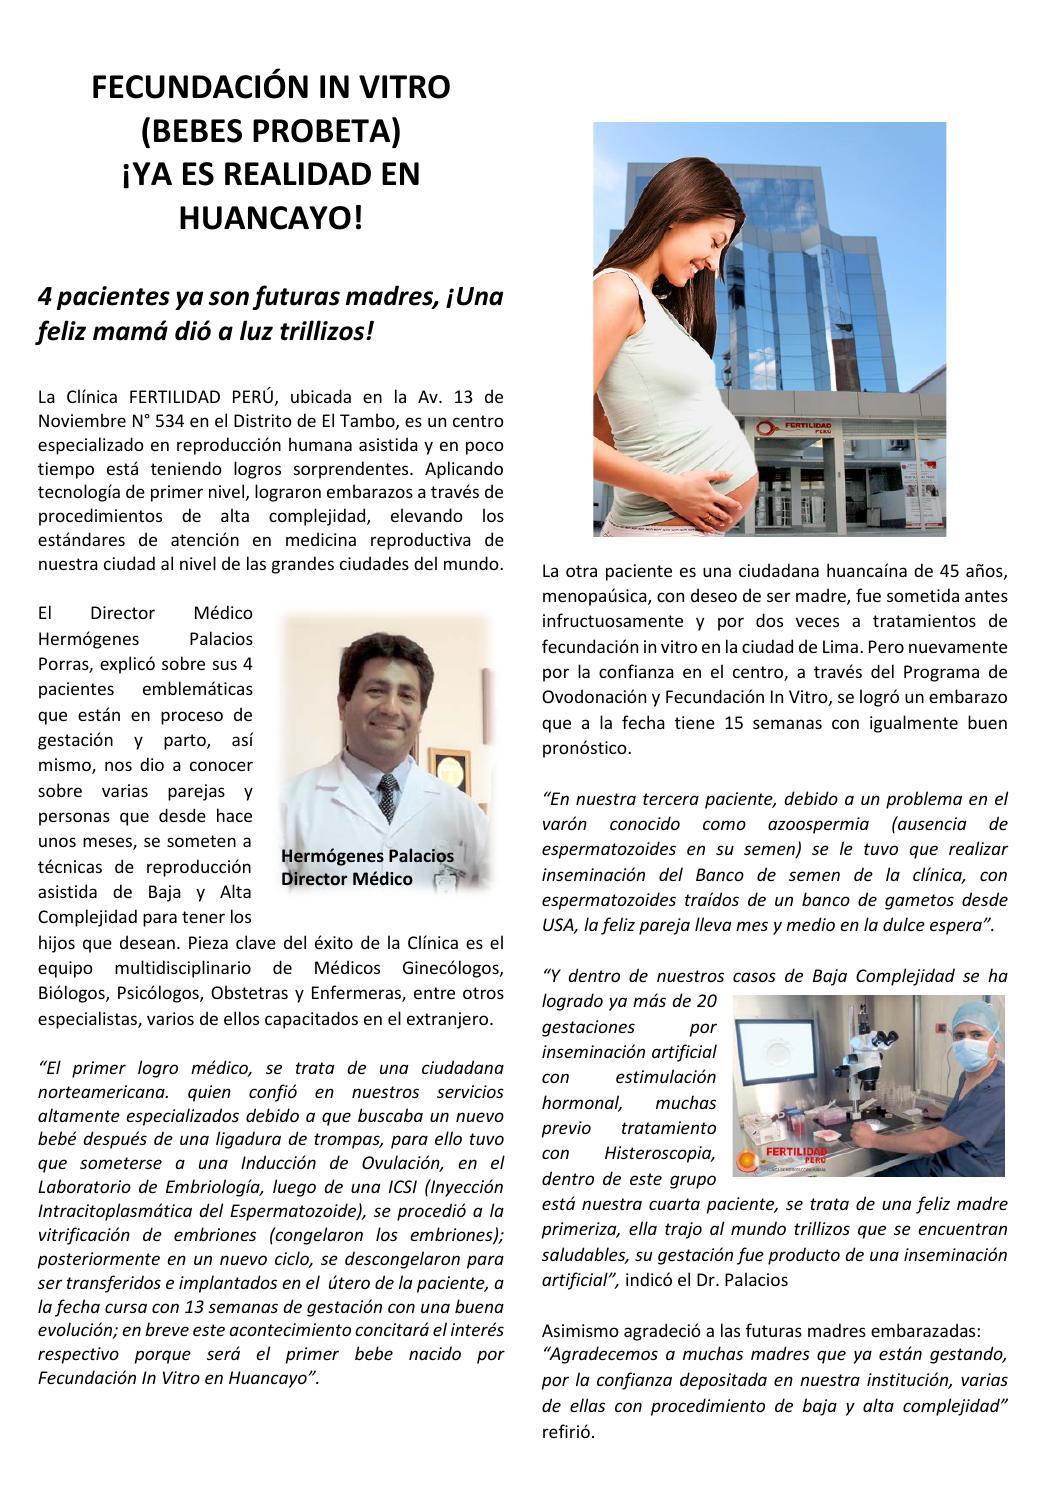 CLINICA FERTILIDAD PERU PRIMERA FECUNDACION IN VITRO EN HUANCAYO ...